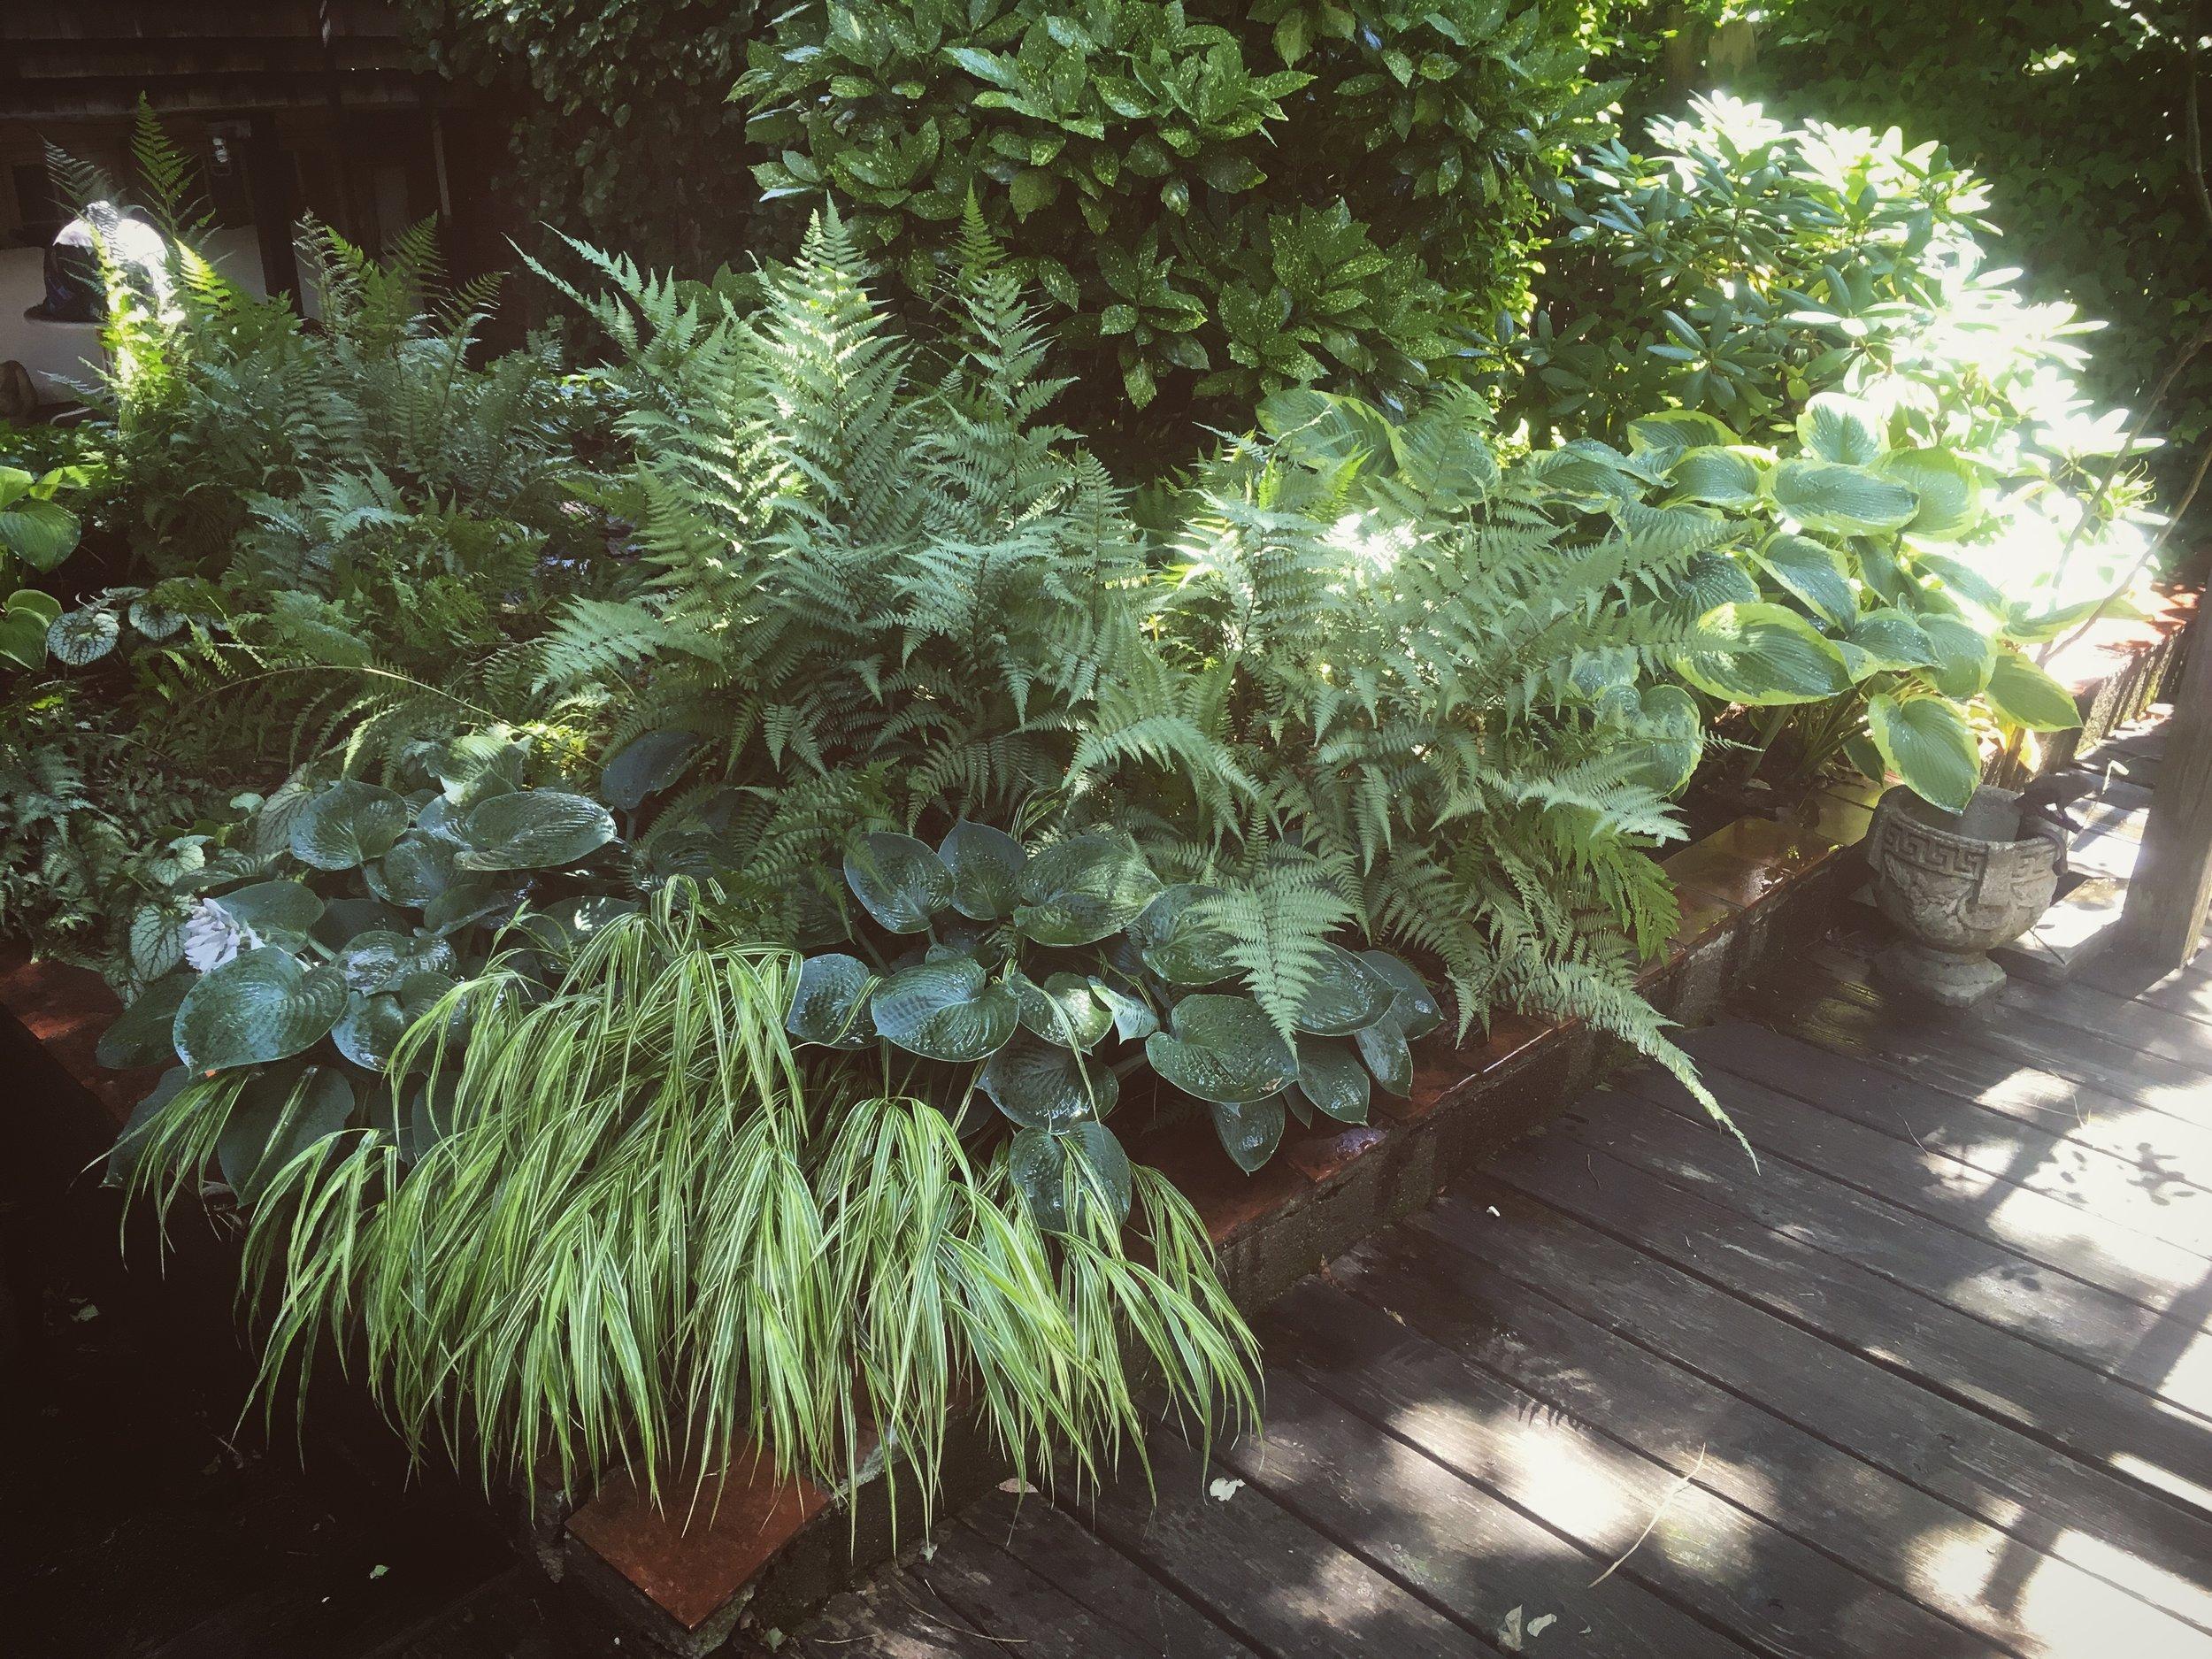 Tori Sparks_Heatherton_urban garden4.JPG